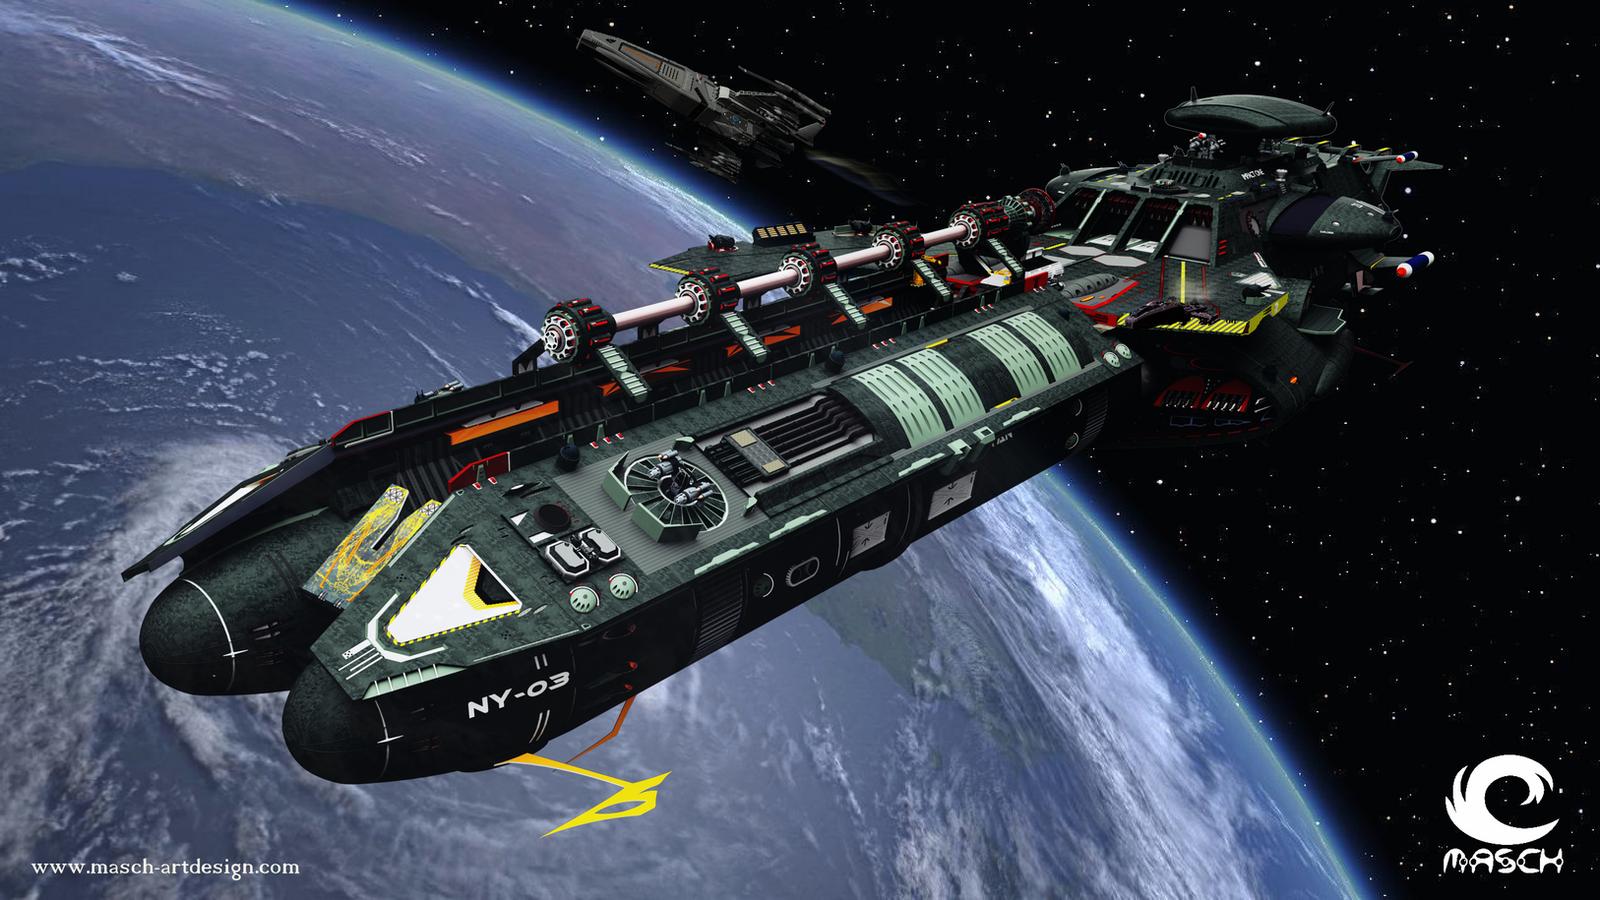 Space carrier by MASCH-ARTDesign on DeviantArt